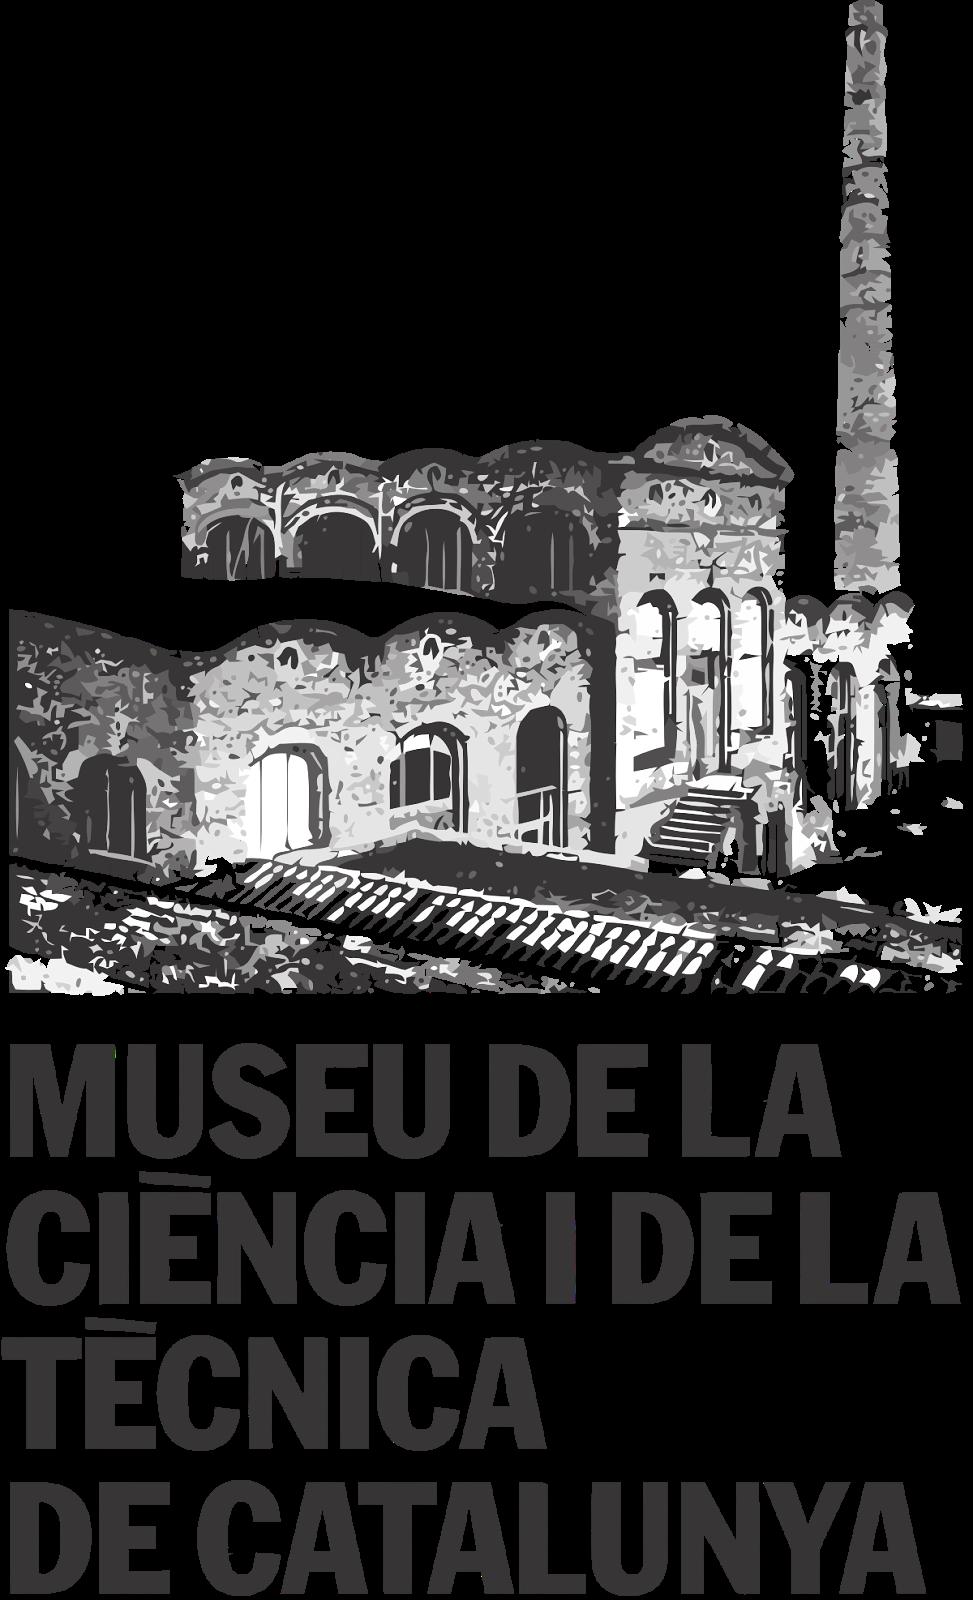 Museu de la Ciència i de la Tècnica